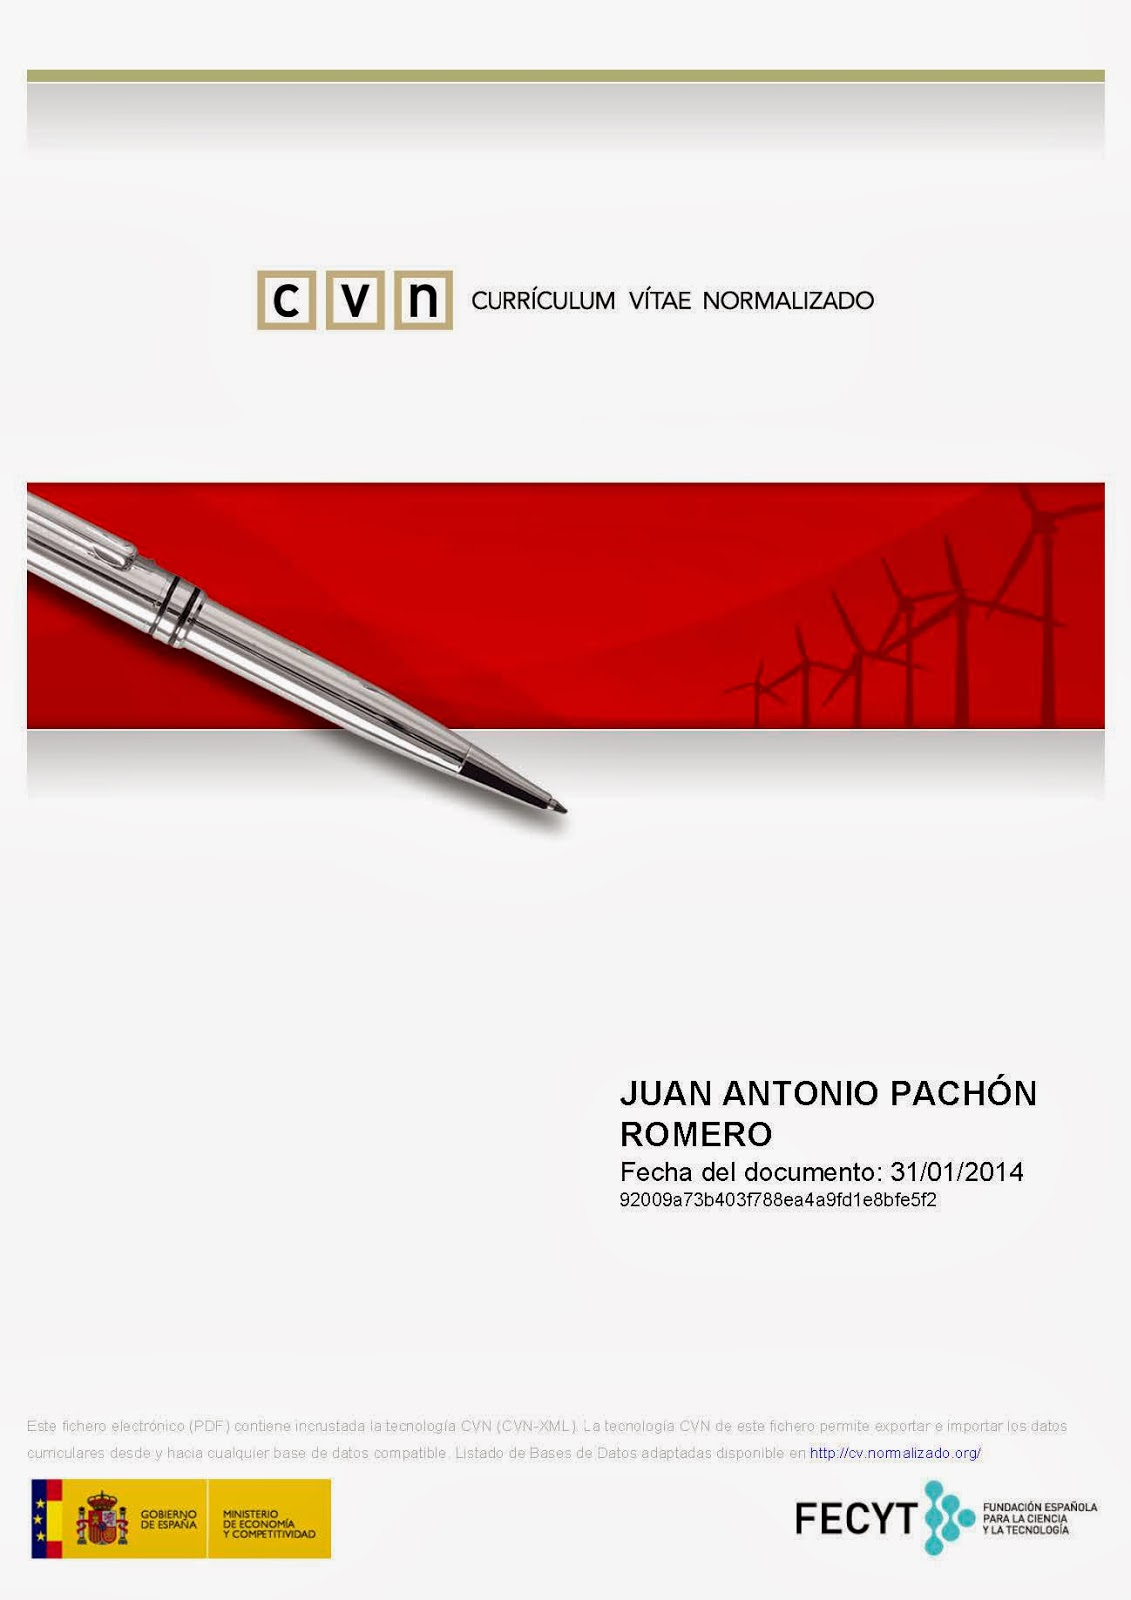 De Arqueologia Y Patrimonio Granada Y Andalucia Curriculum Vitae